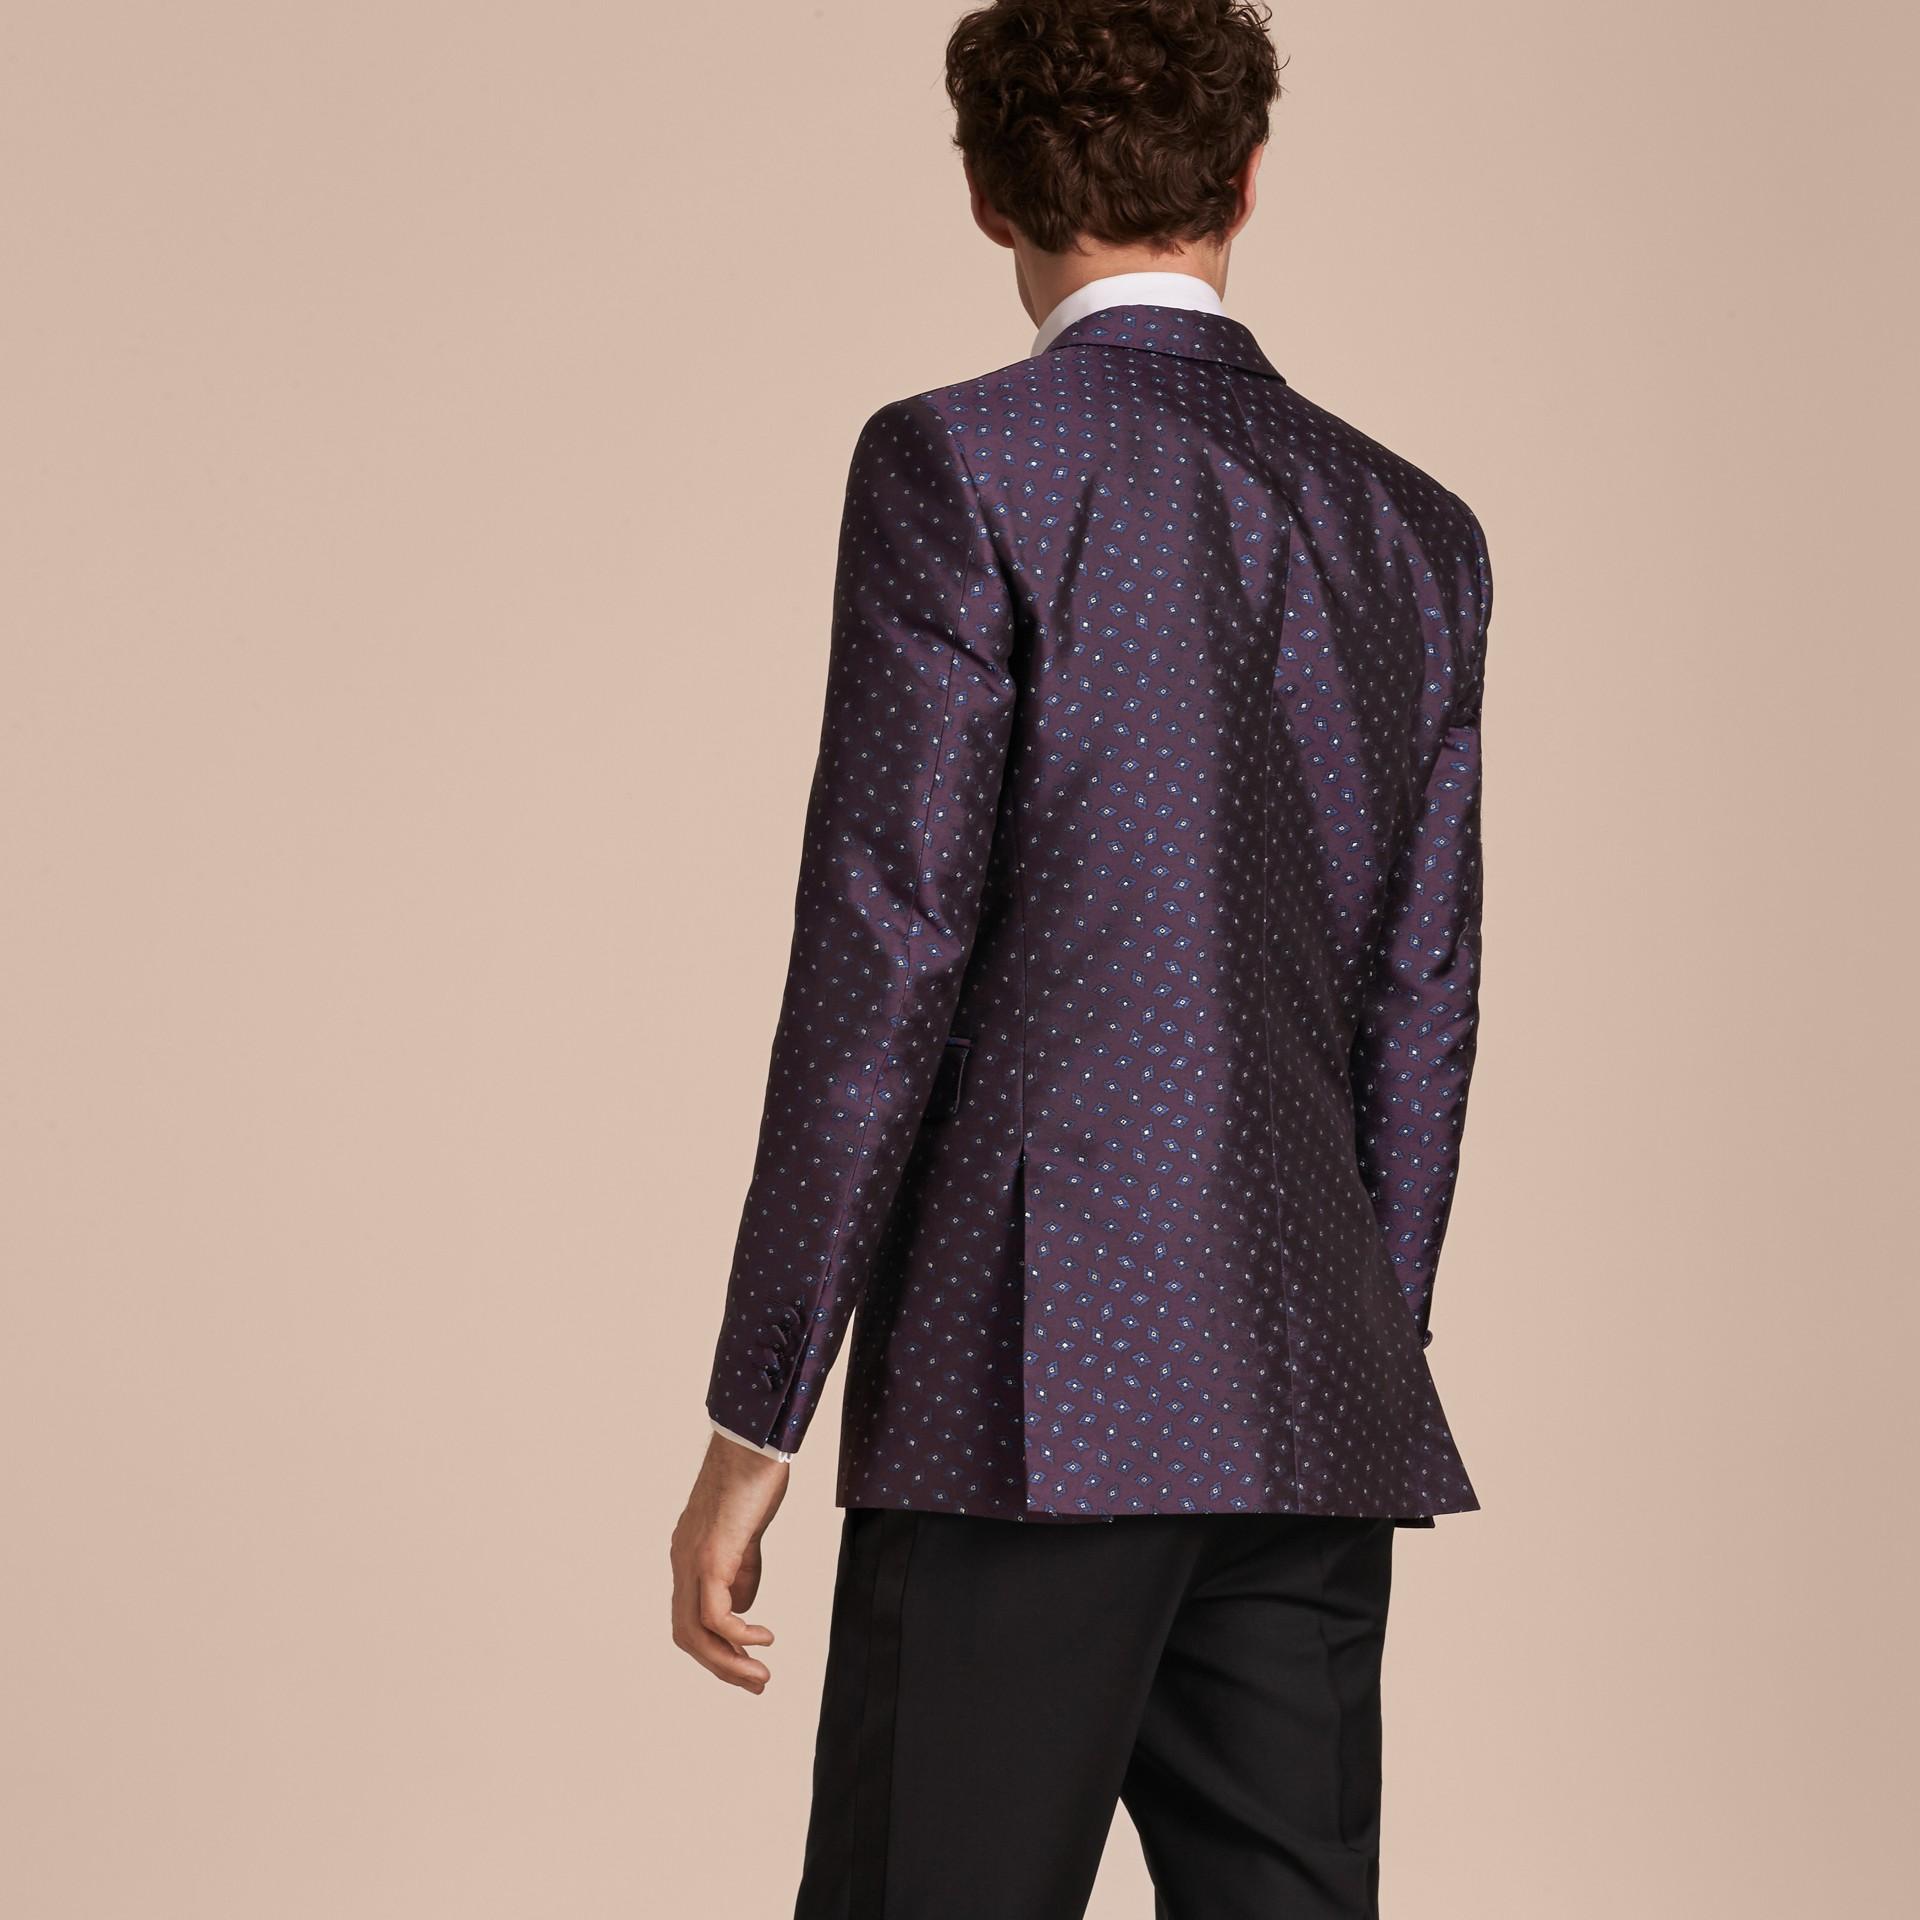 Berenjena oscuro Chaqueta de vestir entallada en jacquard de seda con motivo geométrico - imagen de la galería 3